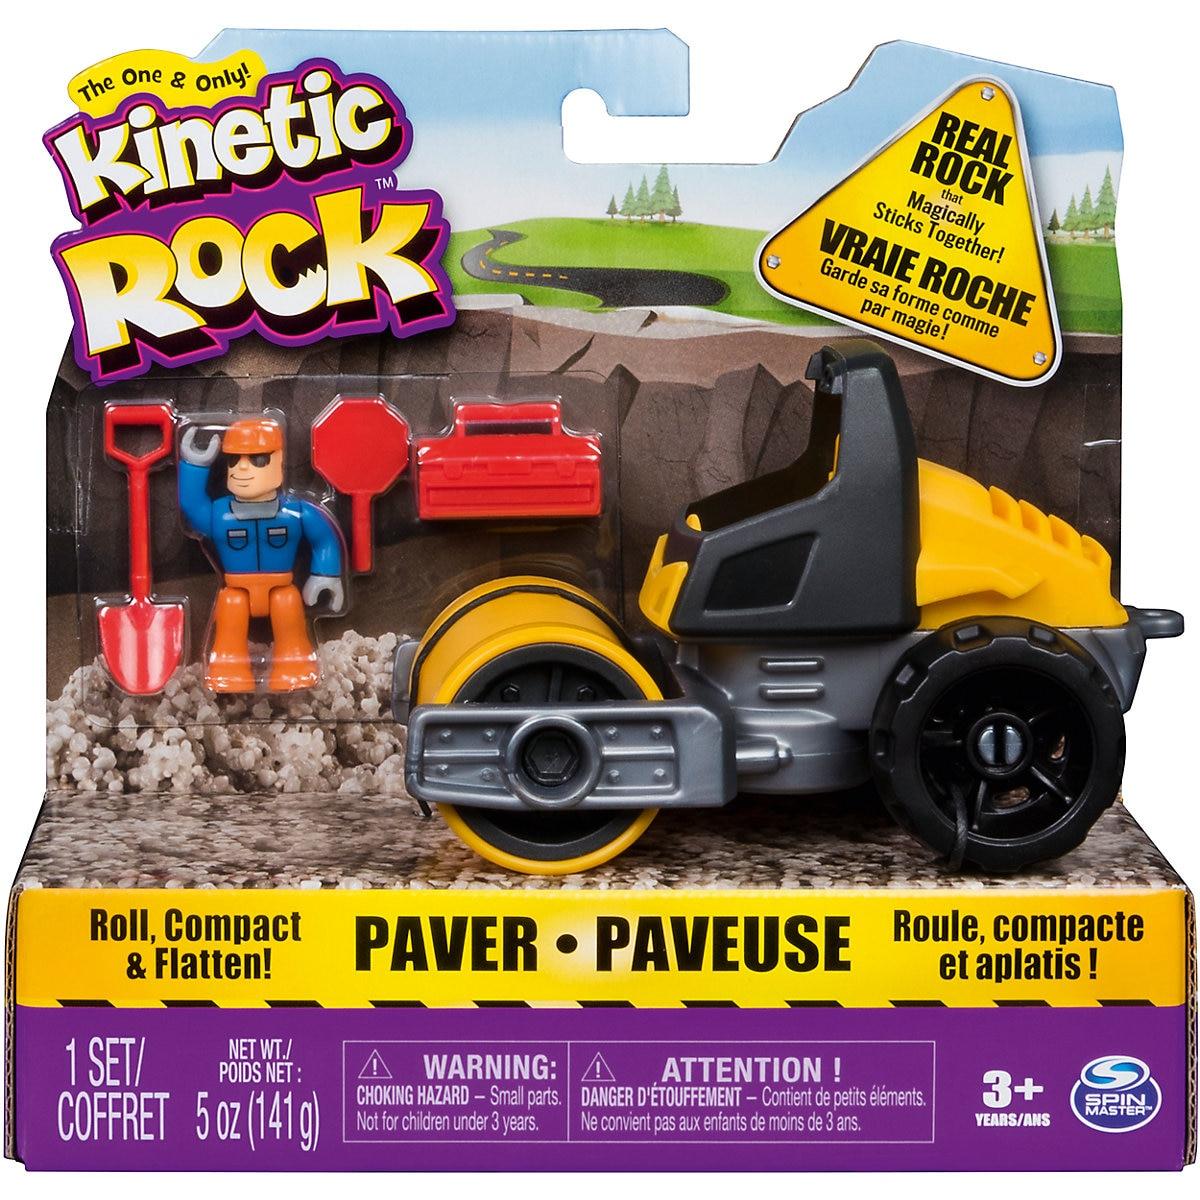 Sable cinétique pâte à modeler/Slime 9052340 apprentissage éducation plasticine jeux jouets enfants jouet jeu